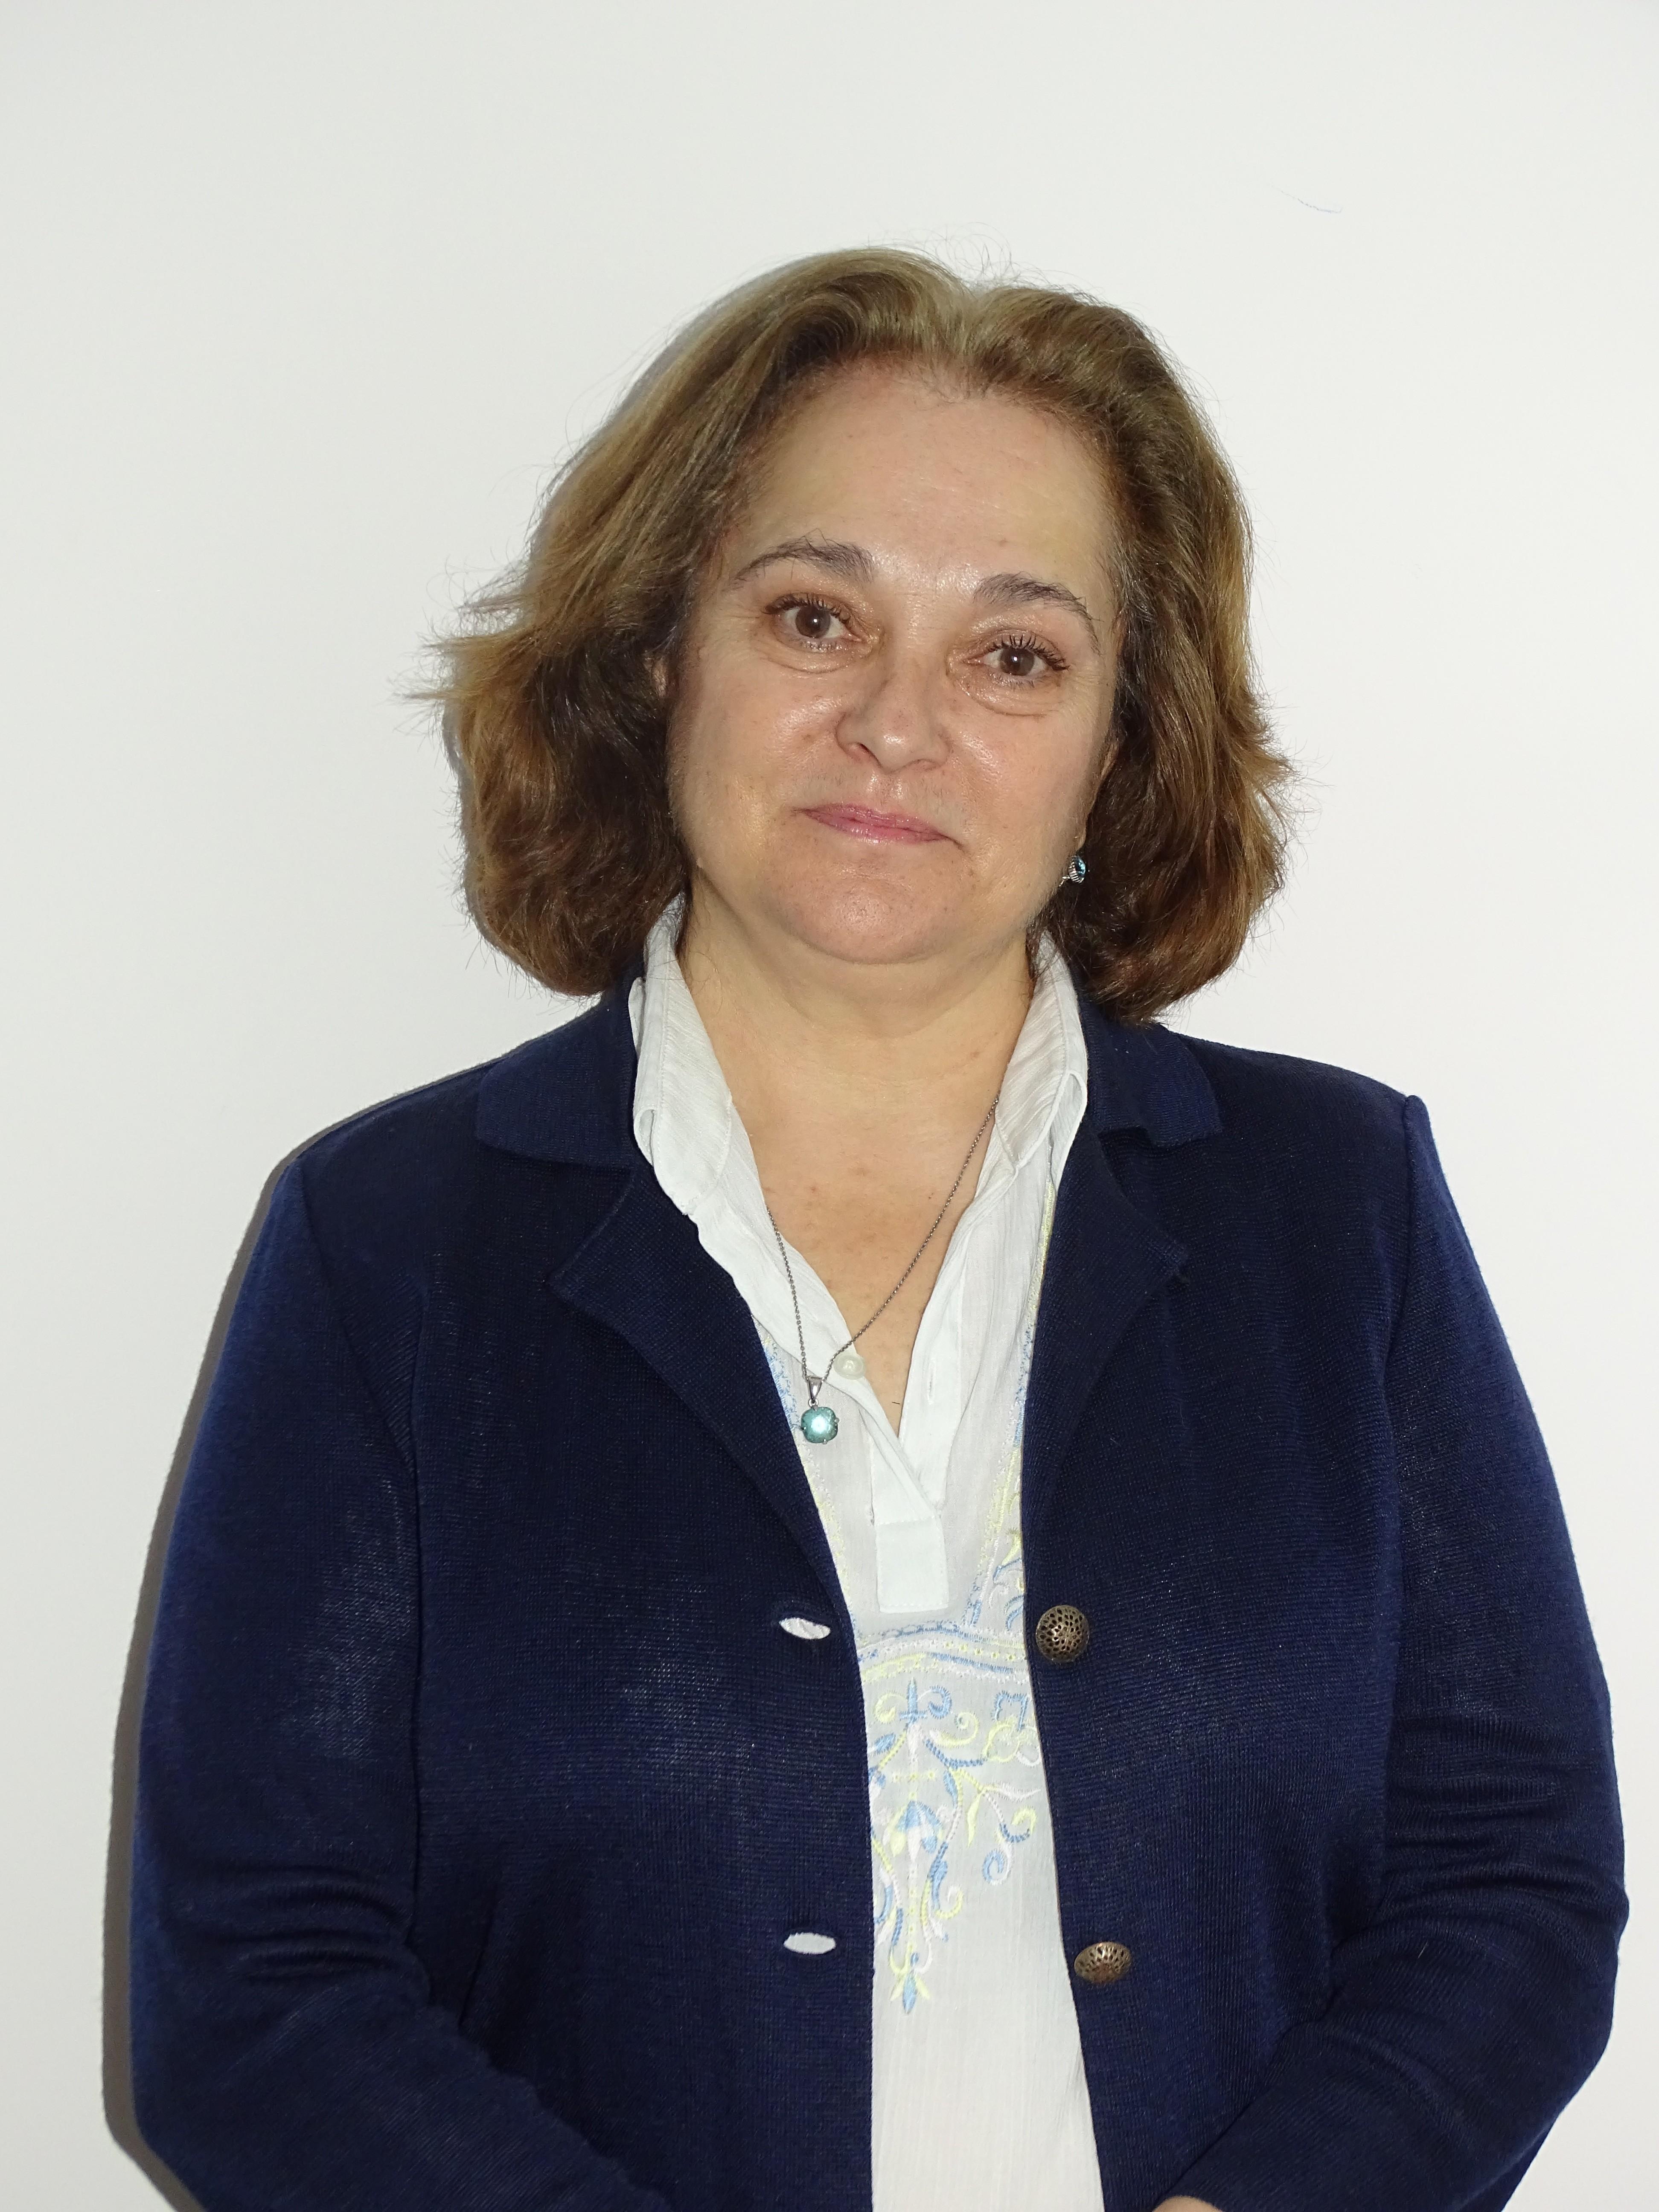 Yolanda Valentí Valle